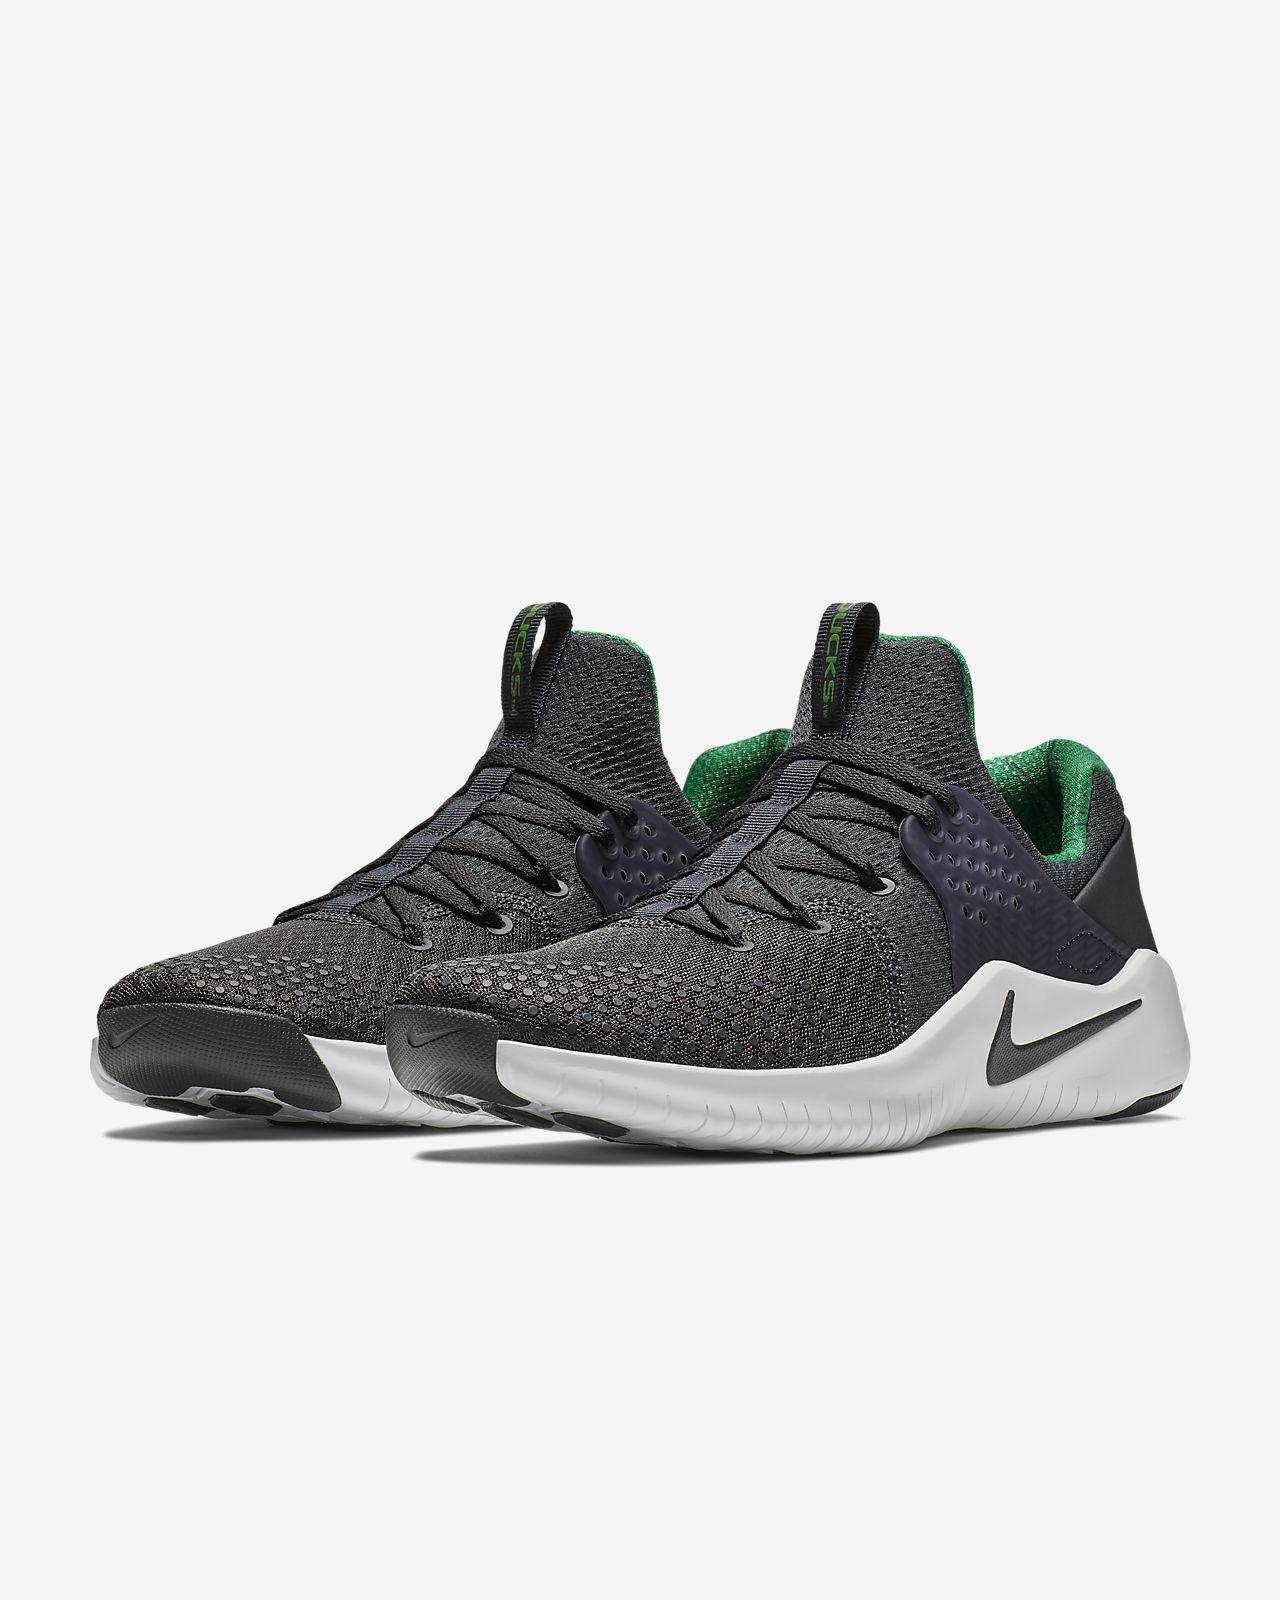 3c20cca080d6 Nike Free TR8 (Oregon) Gym Gameday Shoe. Nike.com